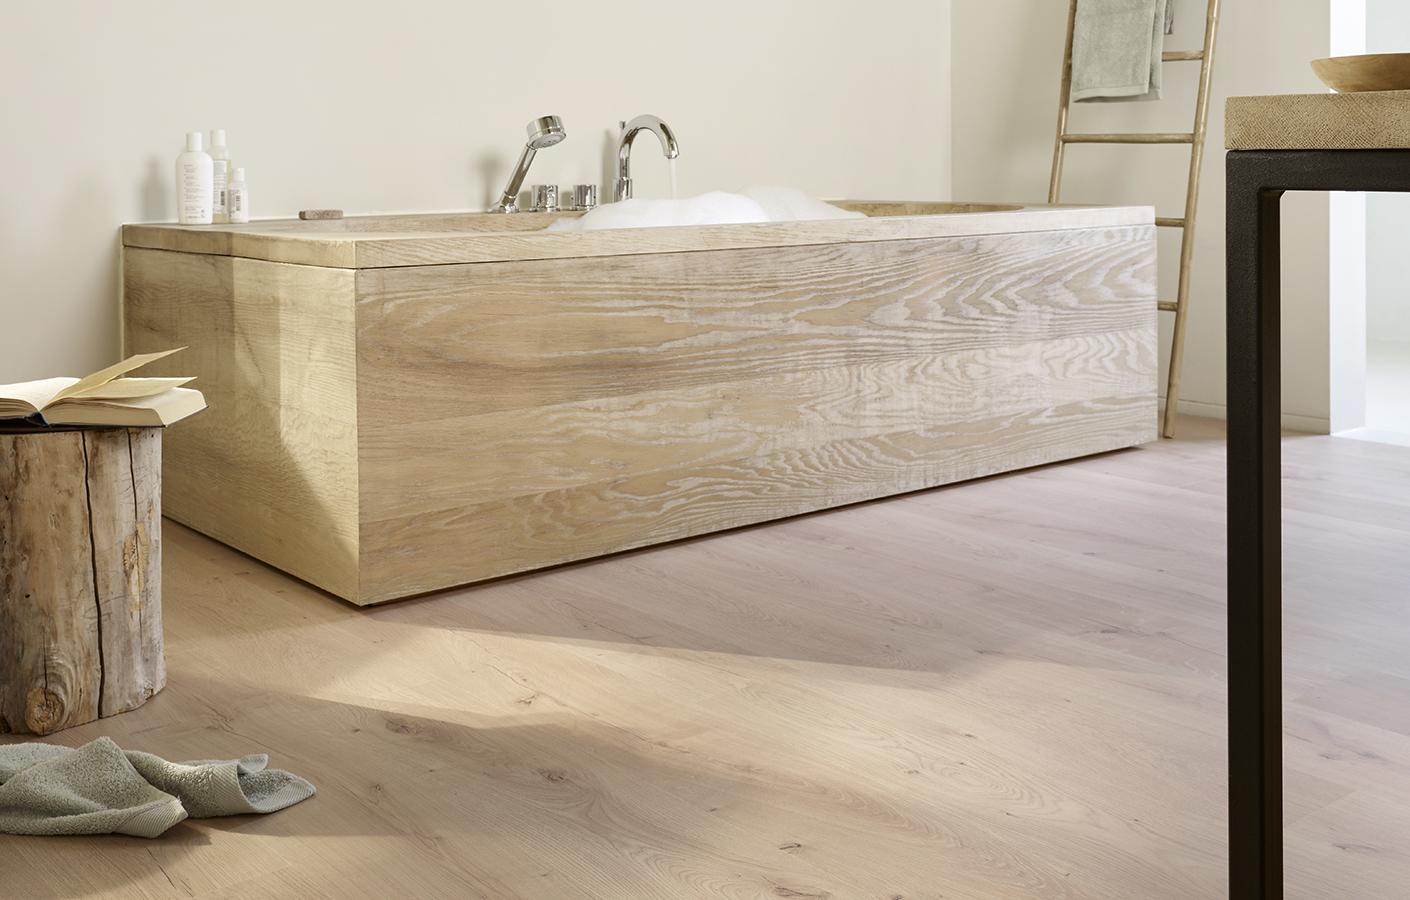 Hoe Kies Je De Perfecte Vloer En Wanden Voor Je Badkamer Berryalloc